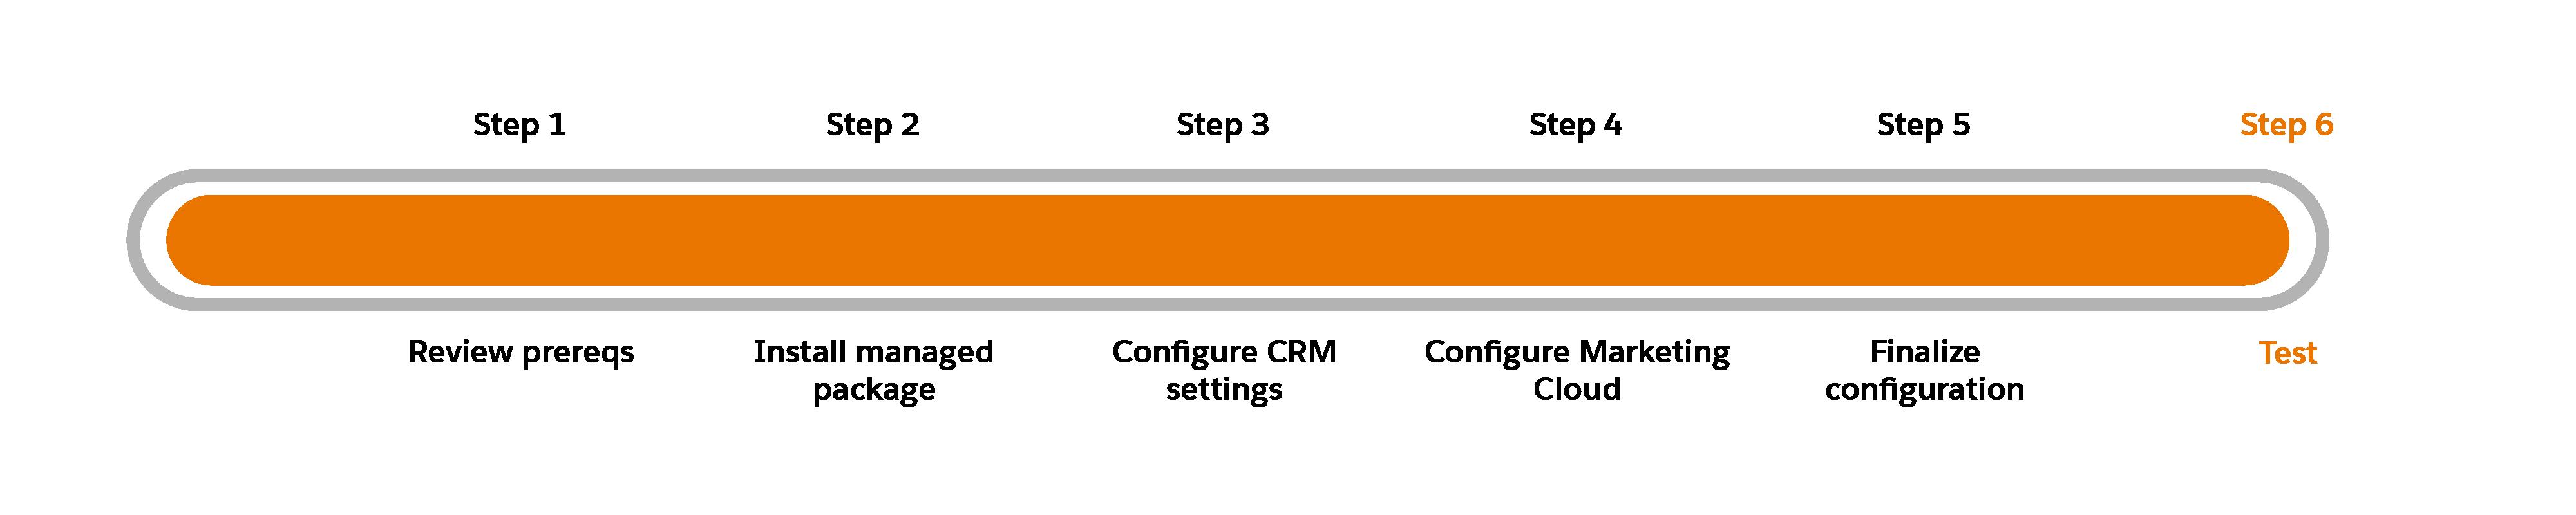 Fortschrittsdiagramm mit Schritt 6: Test hervorgehoben.